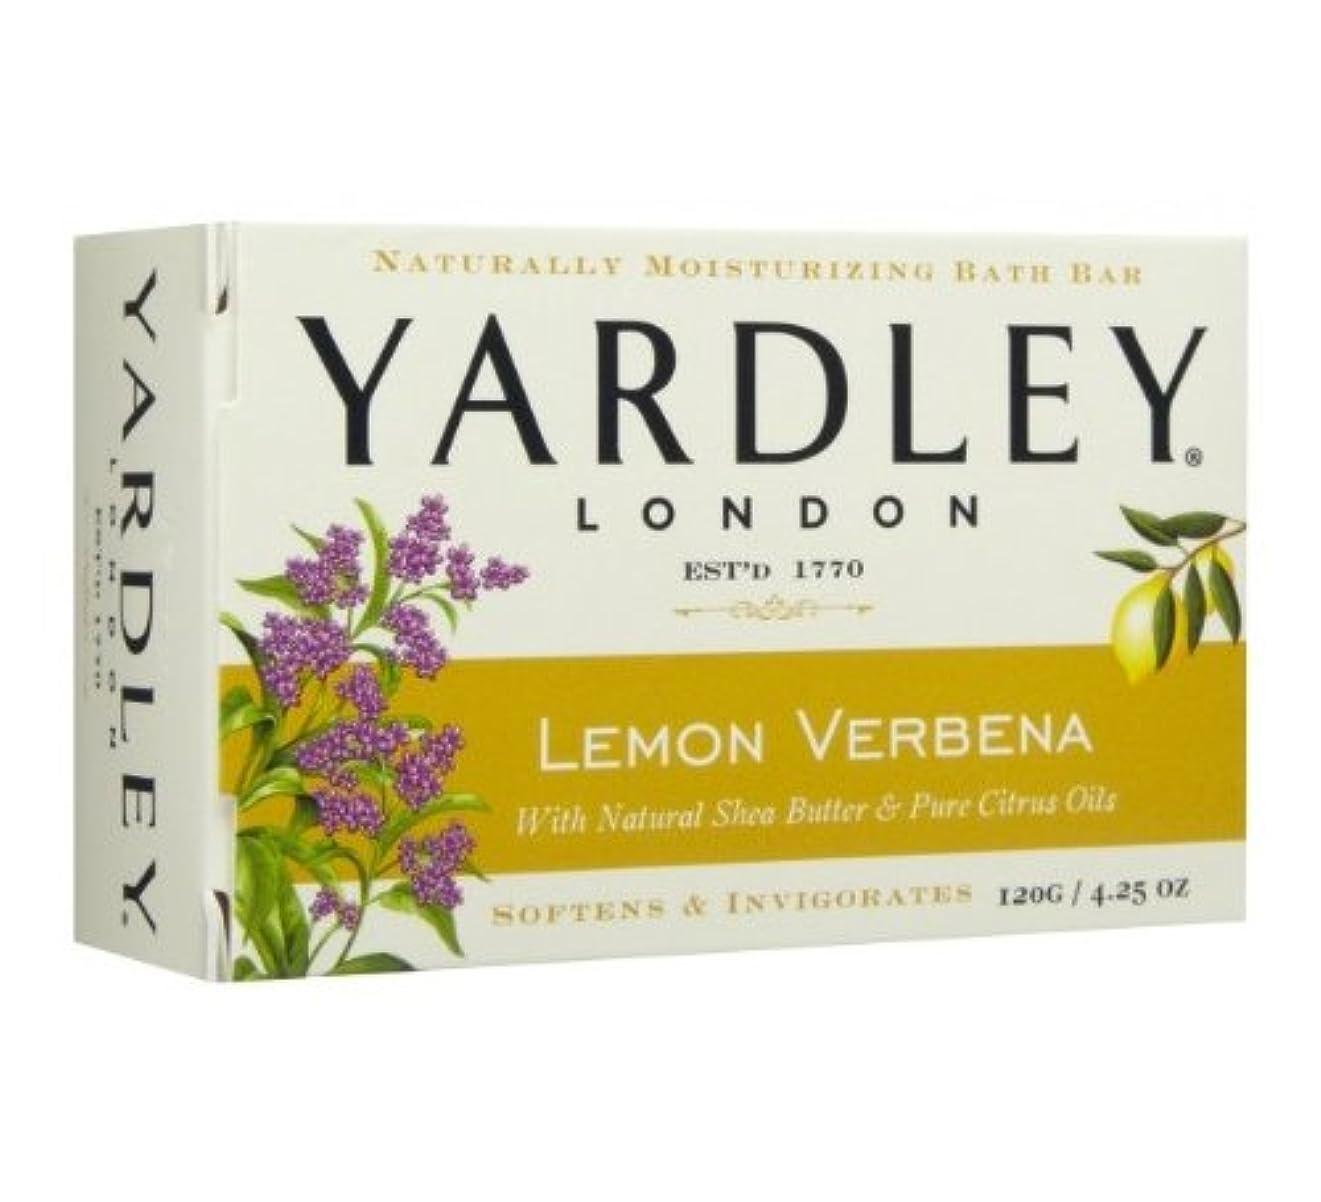 価値白い温度【2個 ハワイ直送品】Yardley London Lemon Verbena Moisturizing Bath Bar ヤードリー レモンバーベナ ソープ 120g